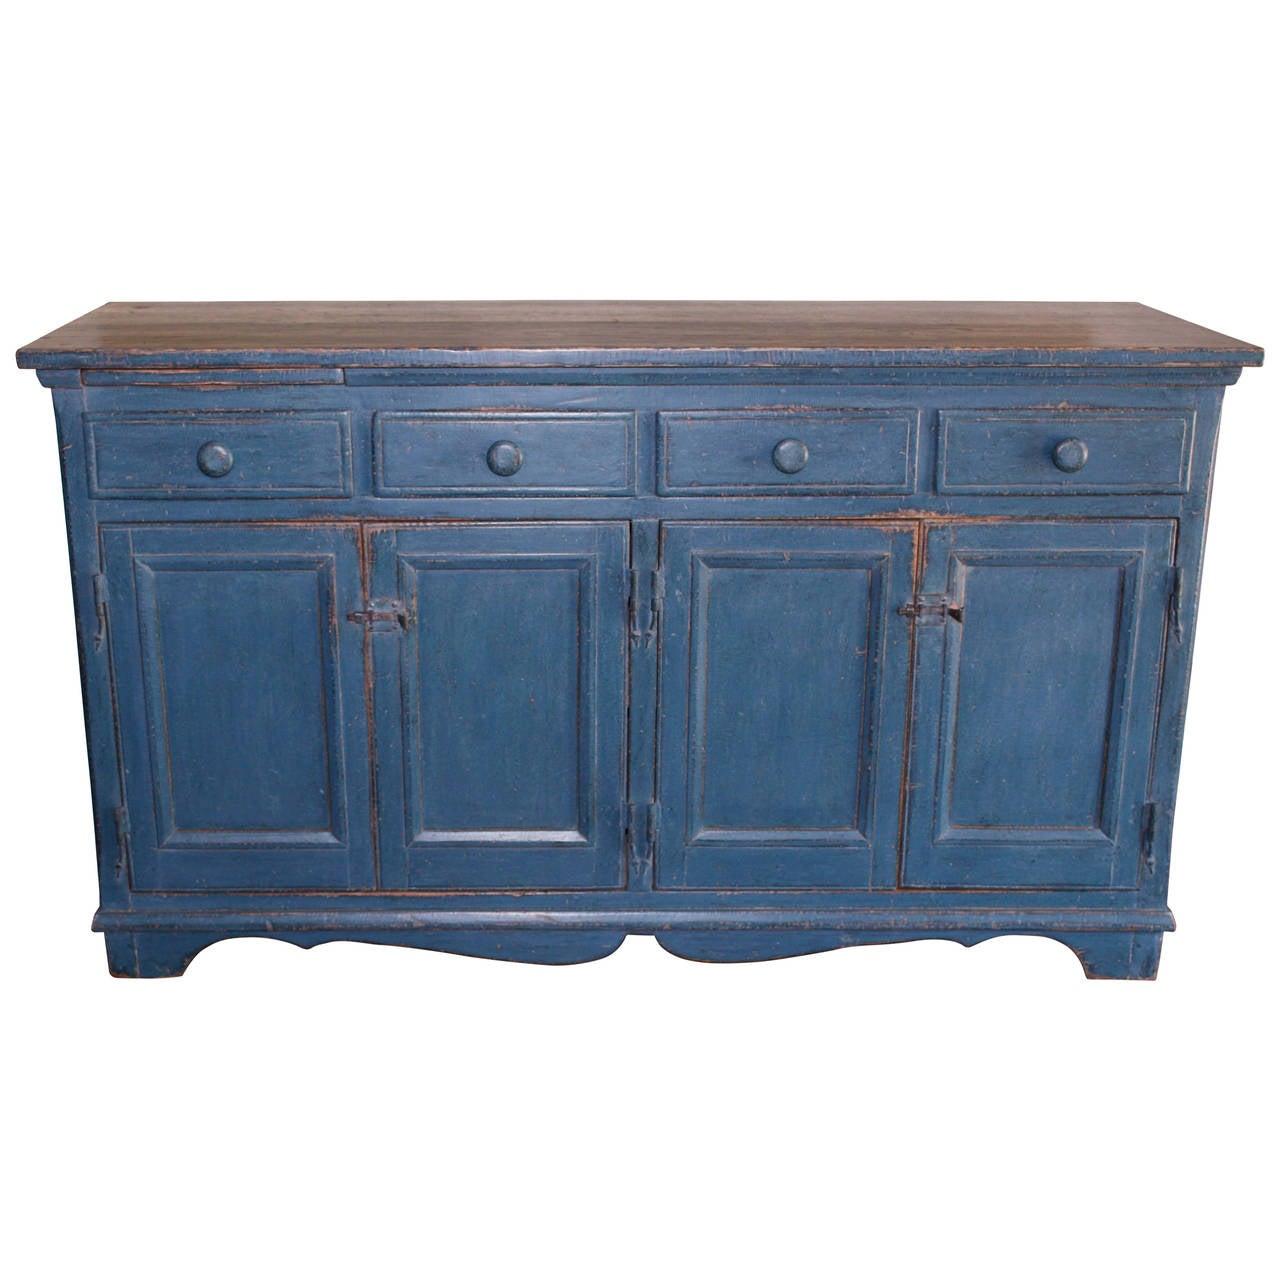 kitchen sideboard cupboard at 1stdibs. Black Bedroom Furniture Sets. Home Design Ideas